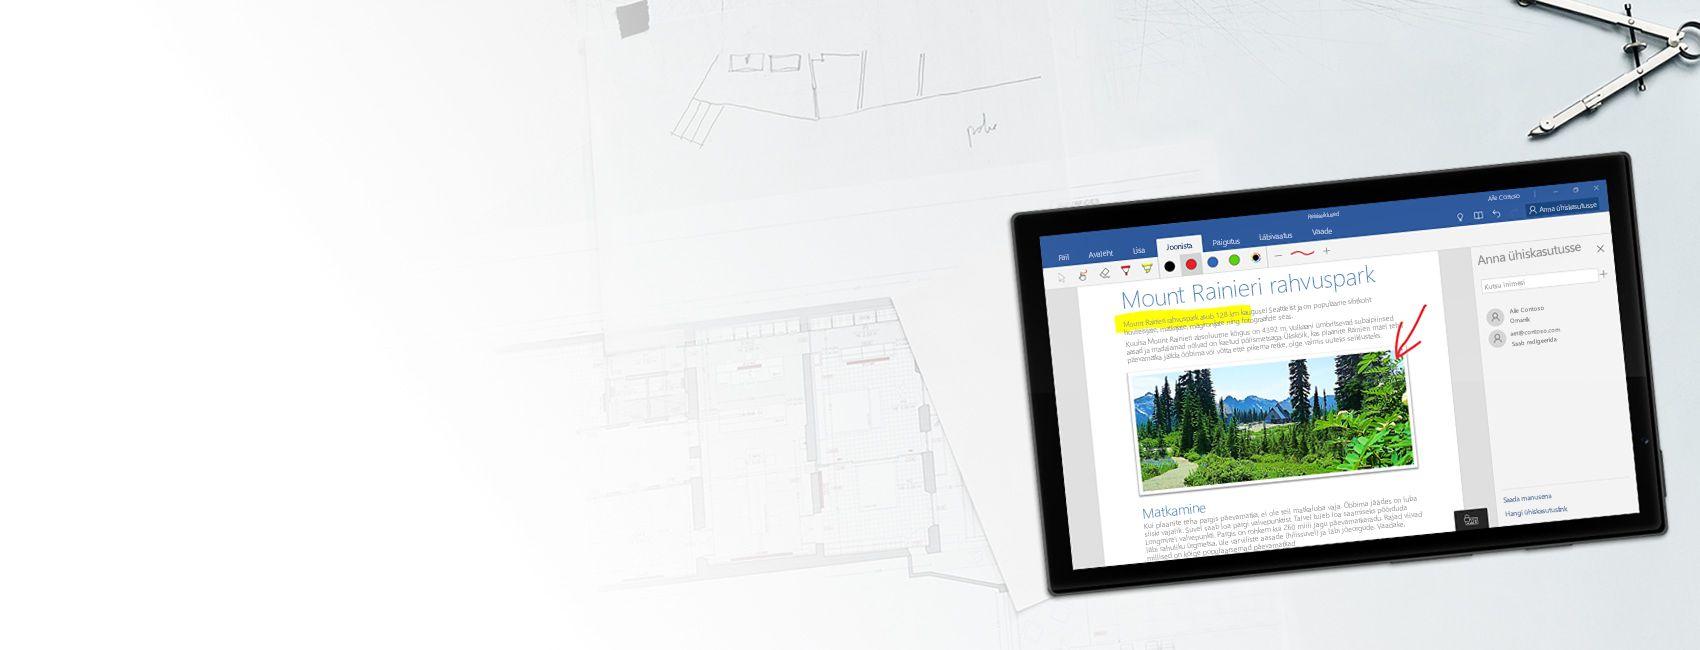 Windowsi tahvelarvuti, mille ekraanil on rakenduses Word for Windows 10 Mobile avatud Wordi dokument Mount Rainier' rahvuspargi kohta